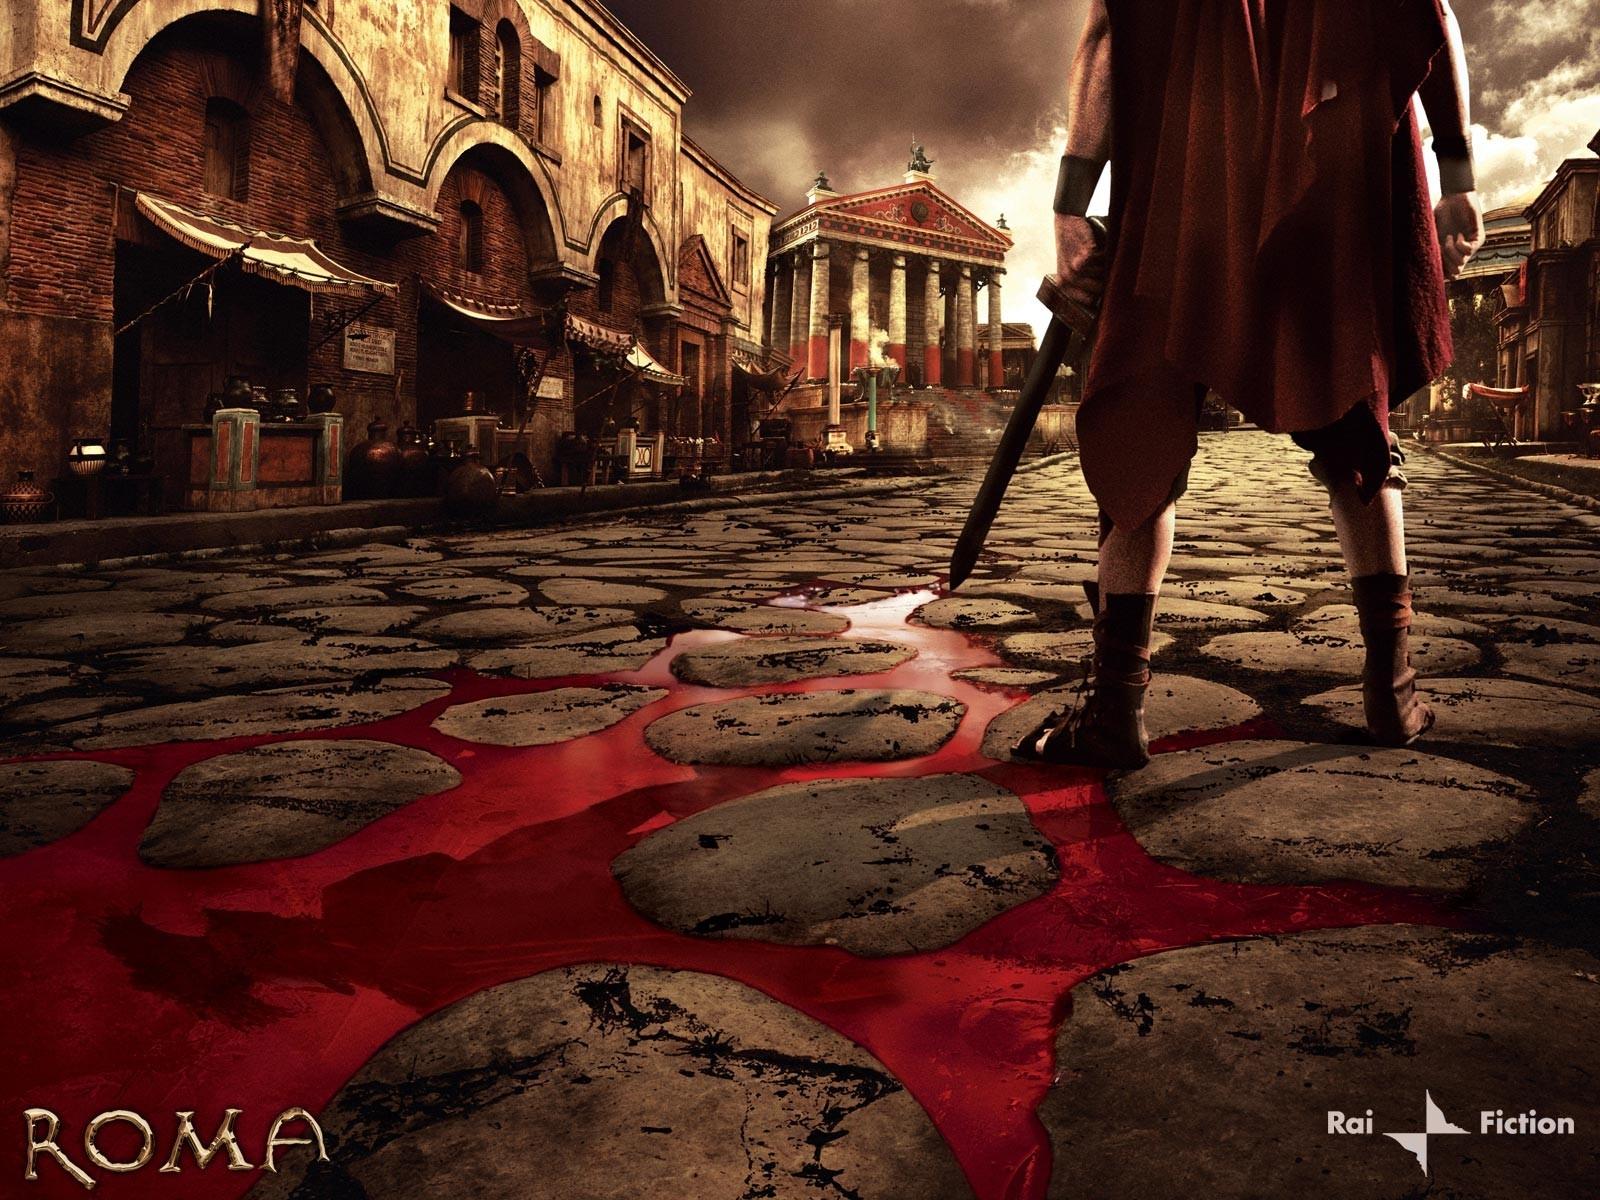 Wallpaper della serie Roma